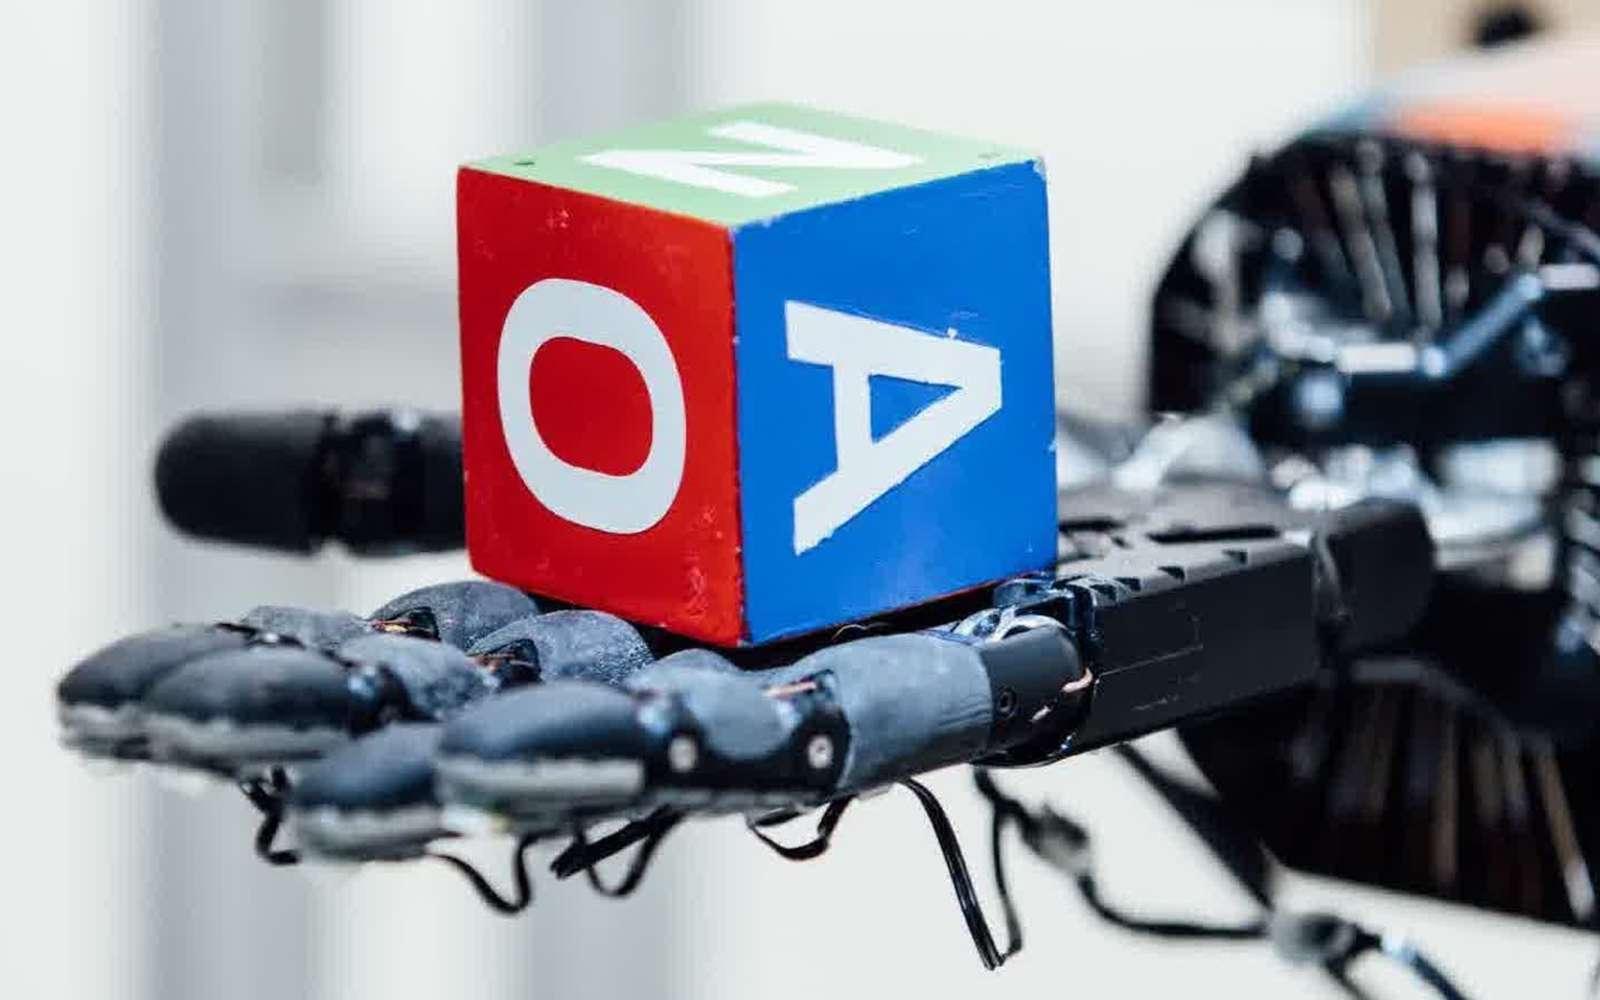 La main robotisée conçue par l'organisation à but non lucratif OpenAI est capable d'apprendre toute seule à manipuler un objet grâce à une intelligence artificielle qui réalise des simulations à partir de légères modifications de couleurs, de poids ou de taille, sur l'objet en question. © OpenAI